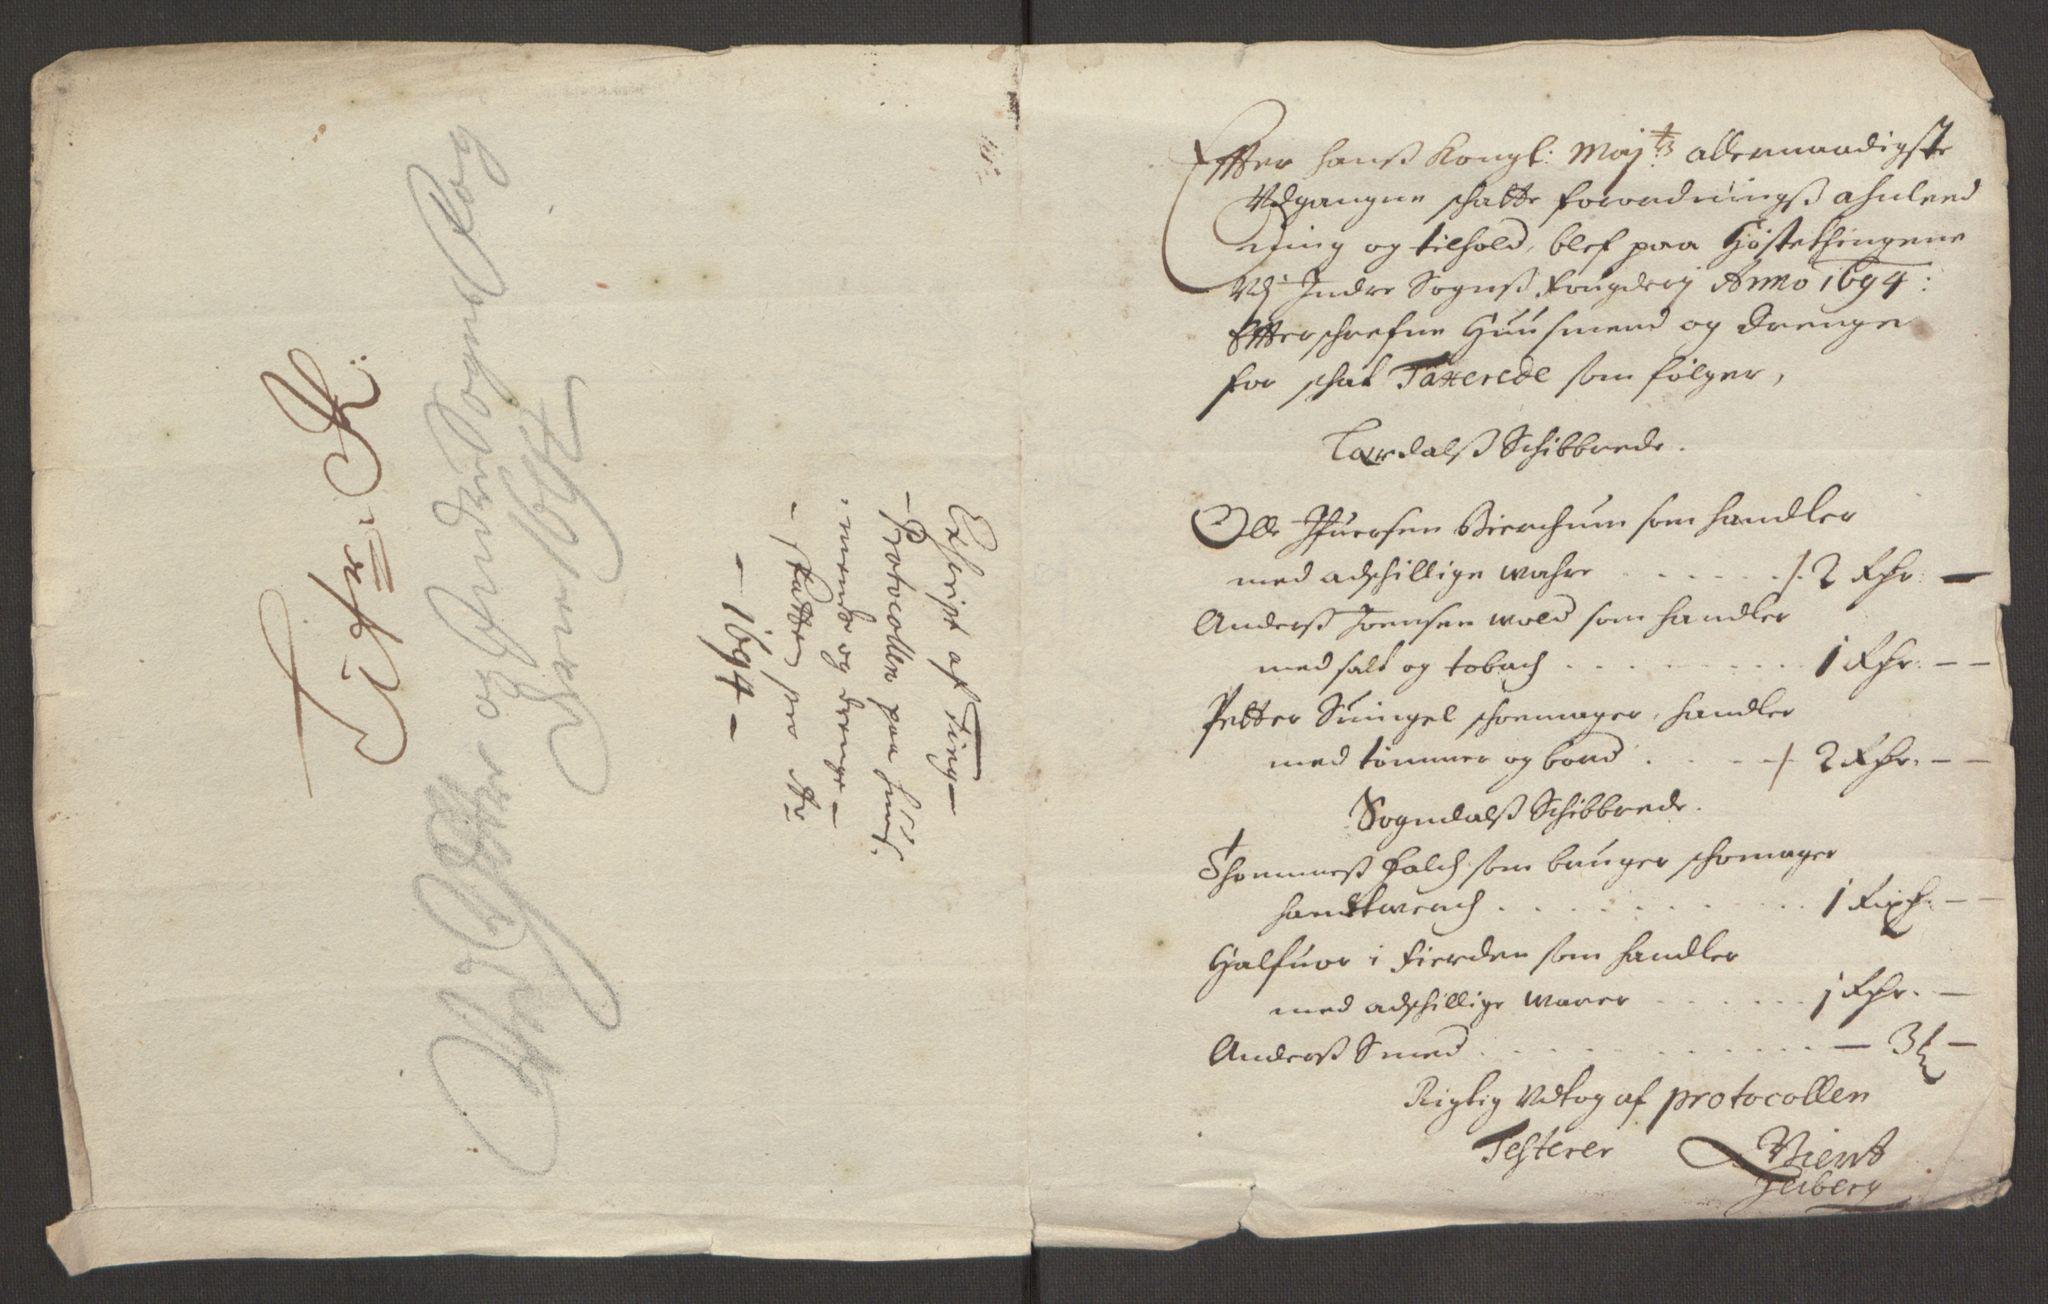 RA, Rentekammeret inntil 1814, Reviderte regnskaper, Fogderegnskap, R52/L3307: Fogderegnskap Sogn, 1693-1694, s. 462